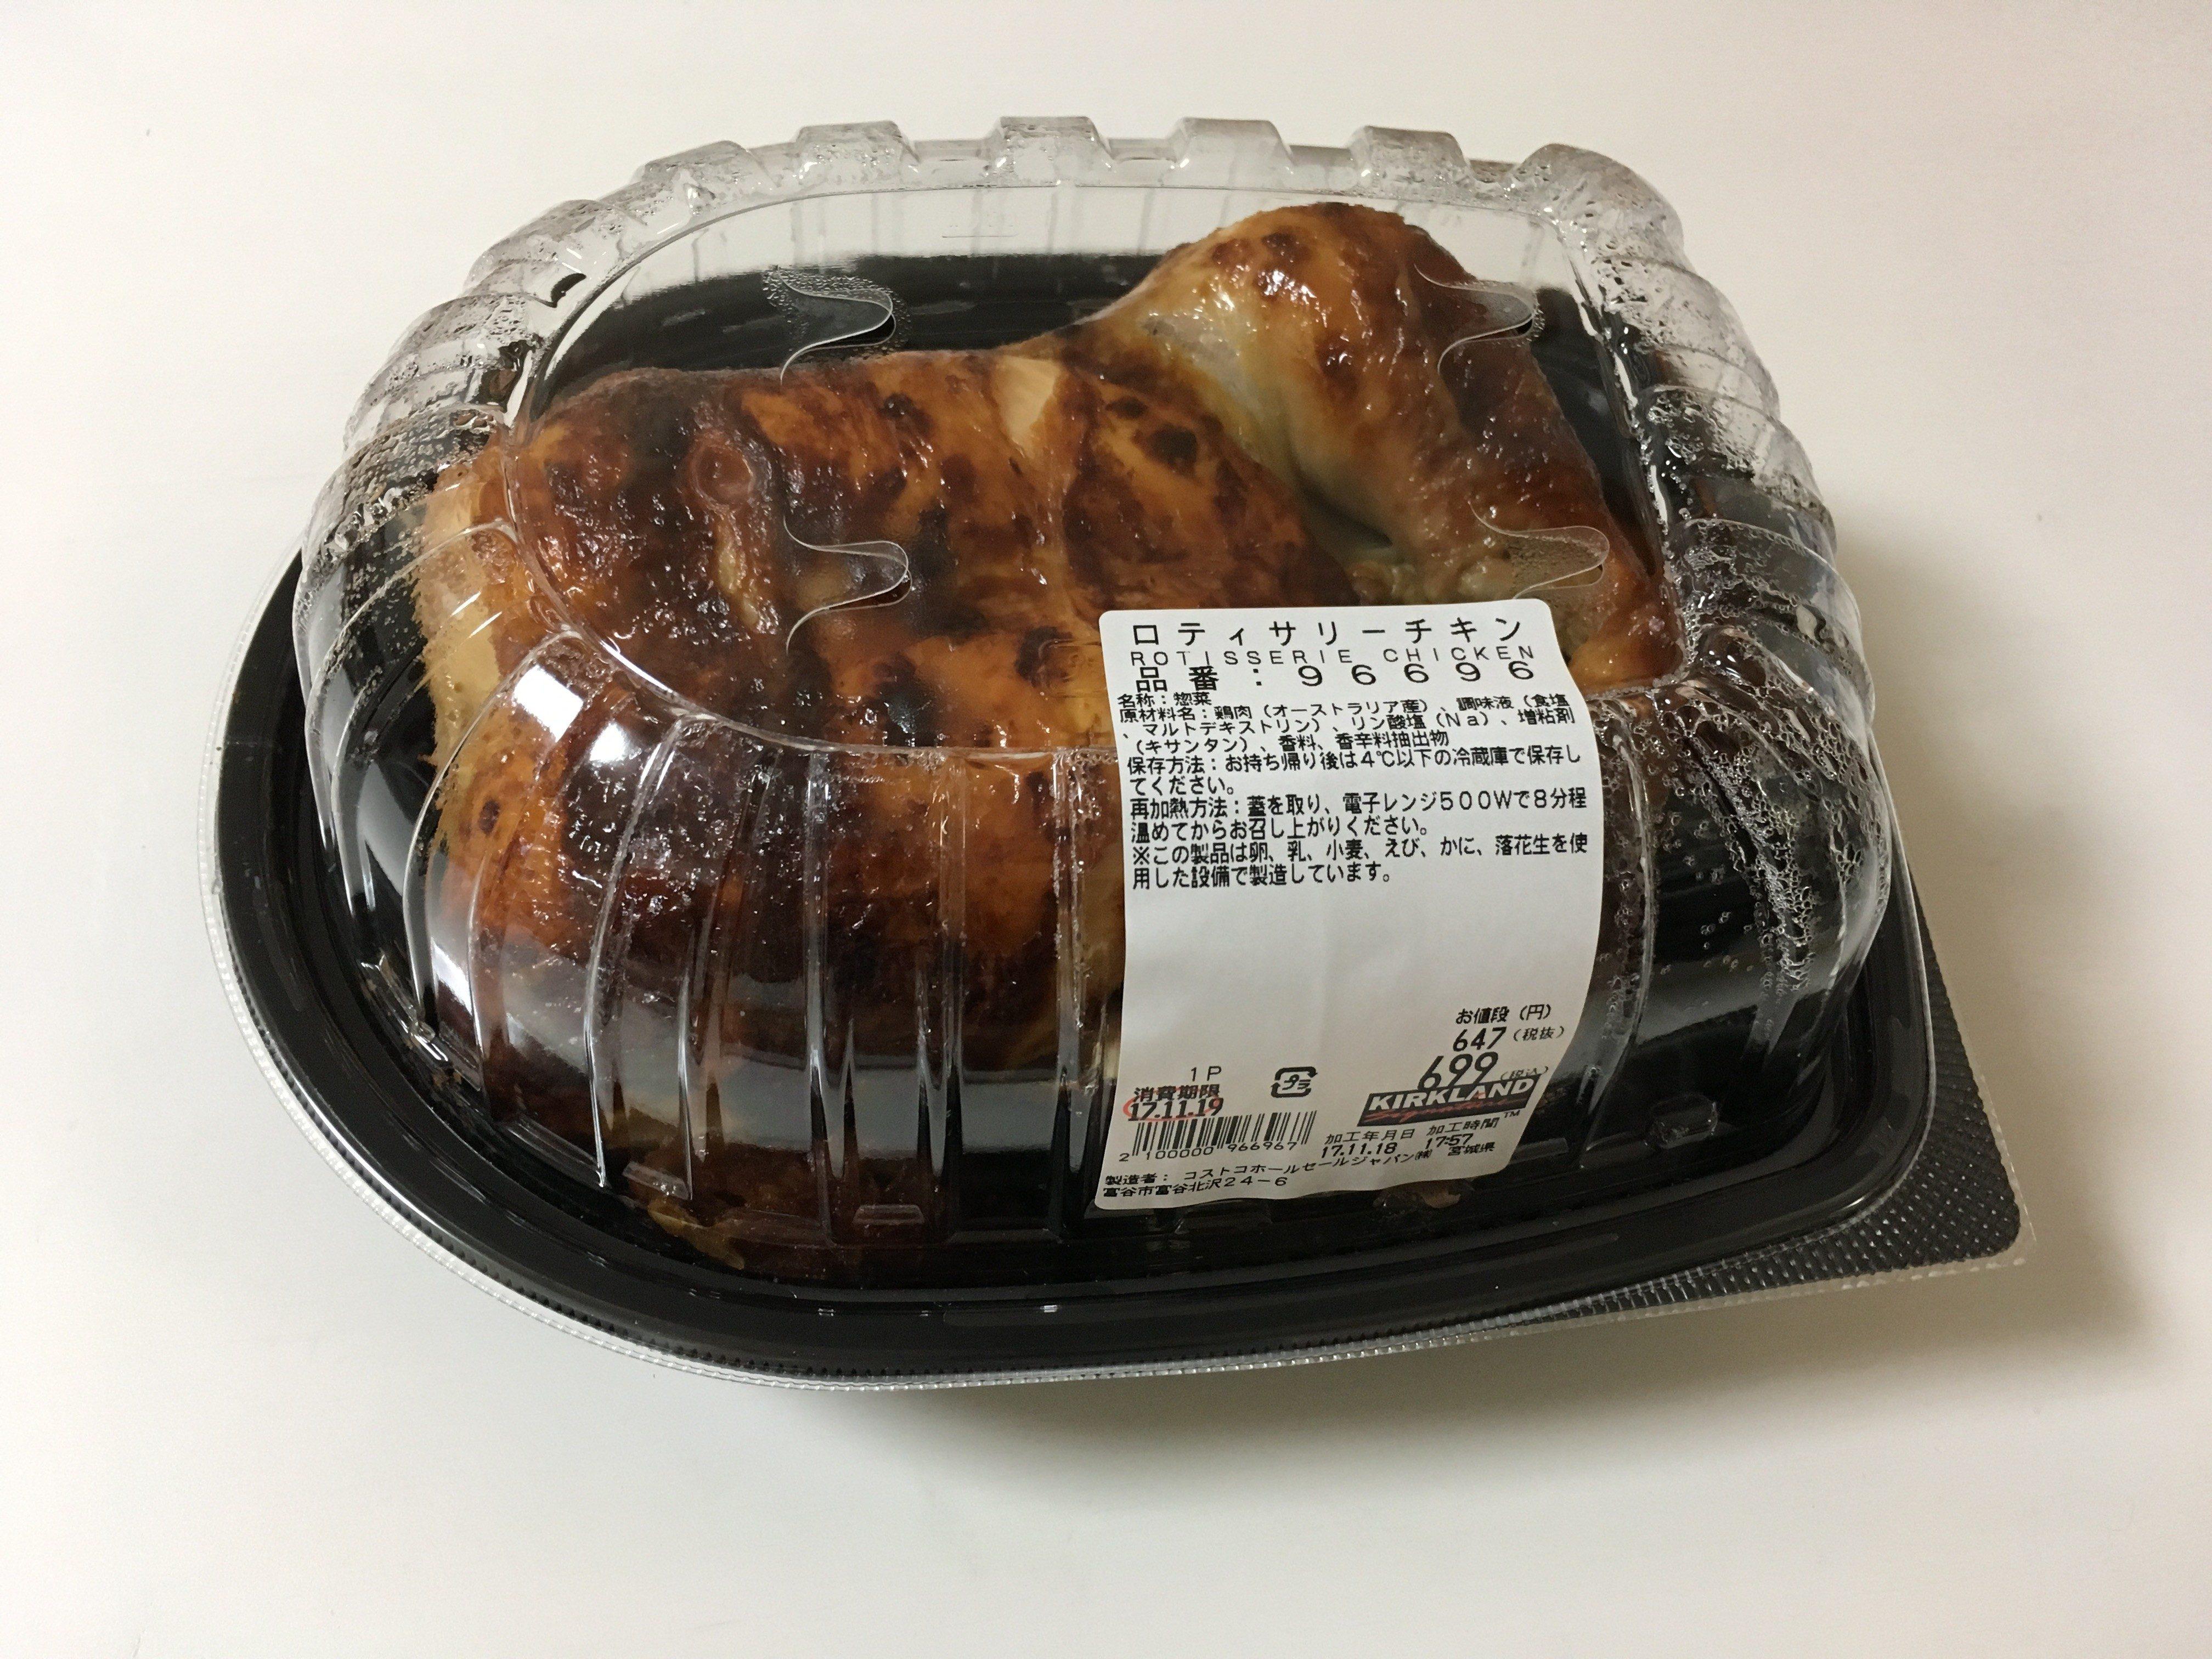 【コストコ】TVでも紹介された一番人気のフード商品のお味は?!